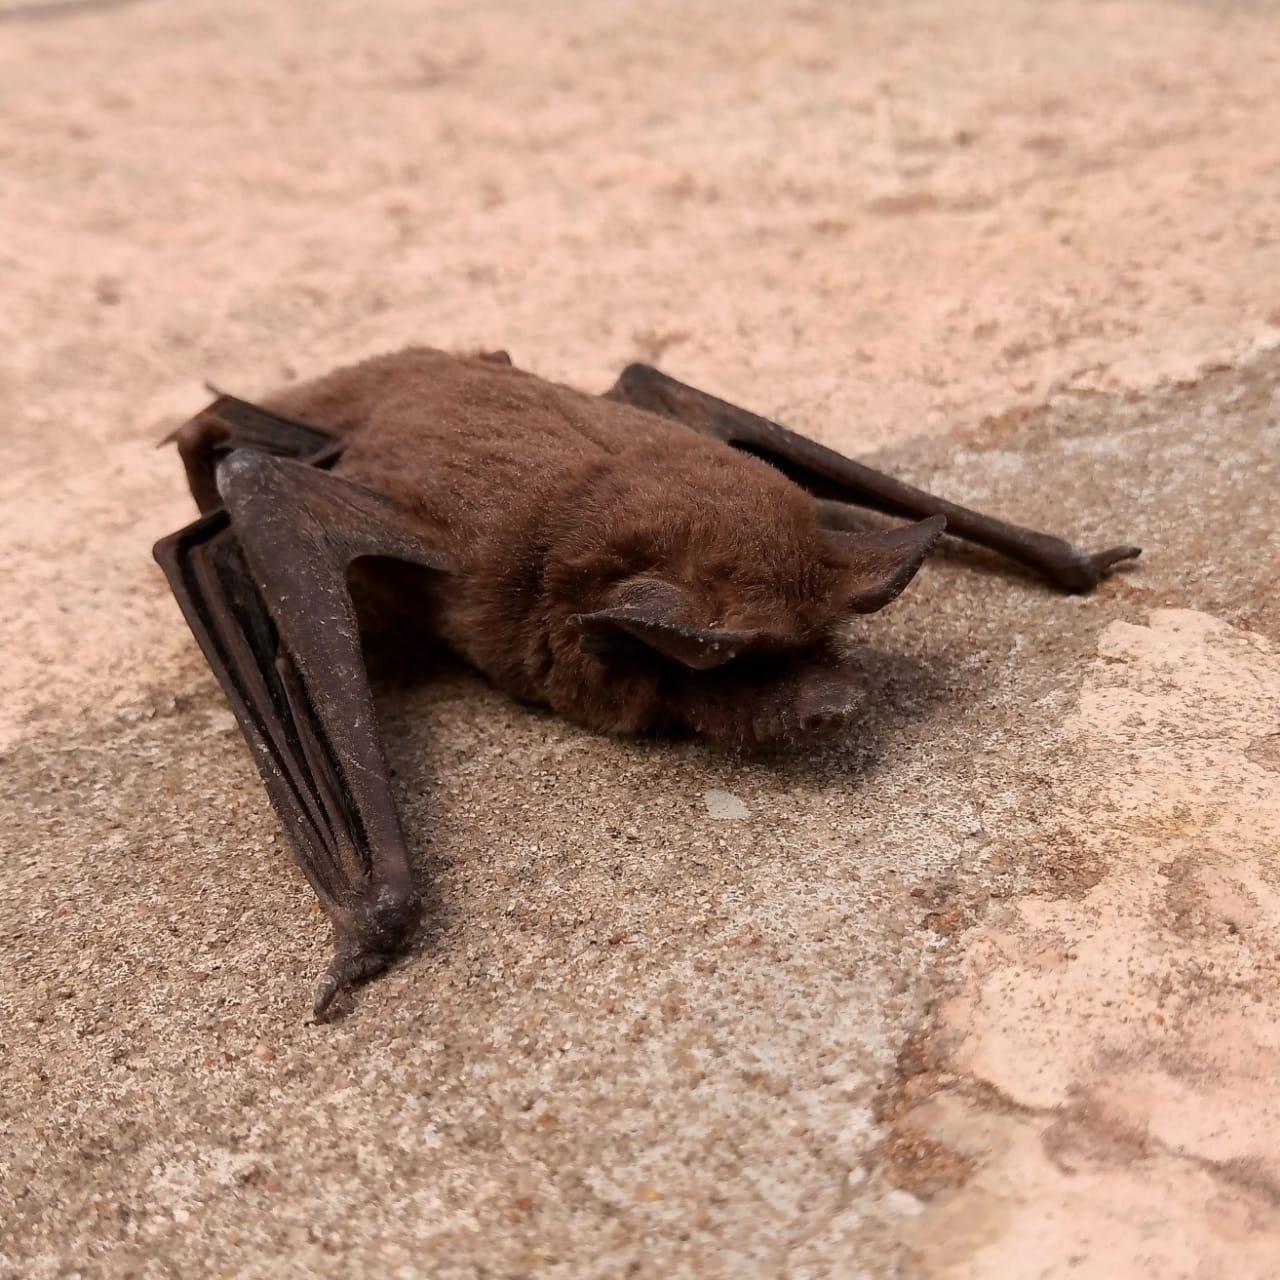 Debido al hallazgo de un murciélago con rabia en pleno centro de Pico, se realizarán acciones de bloqueo y de prevención